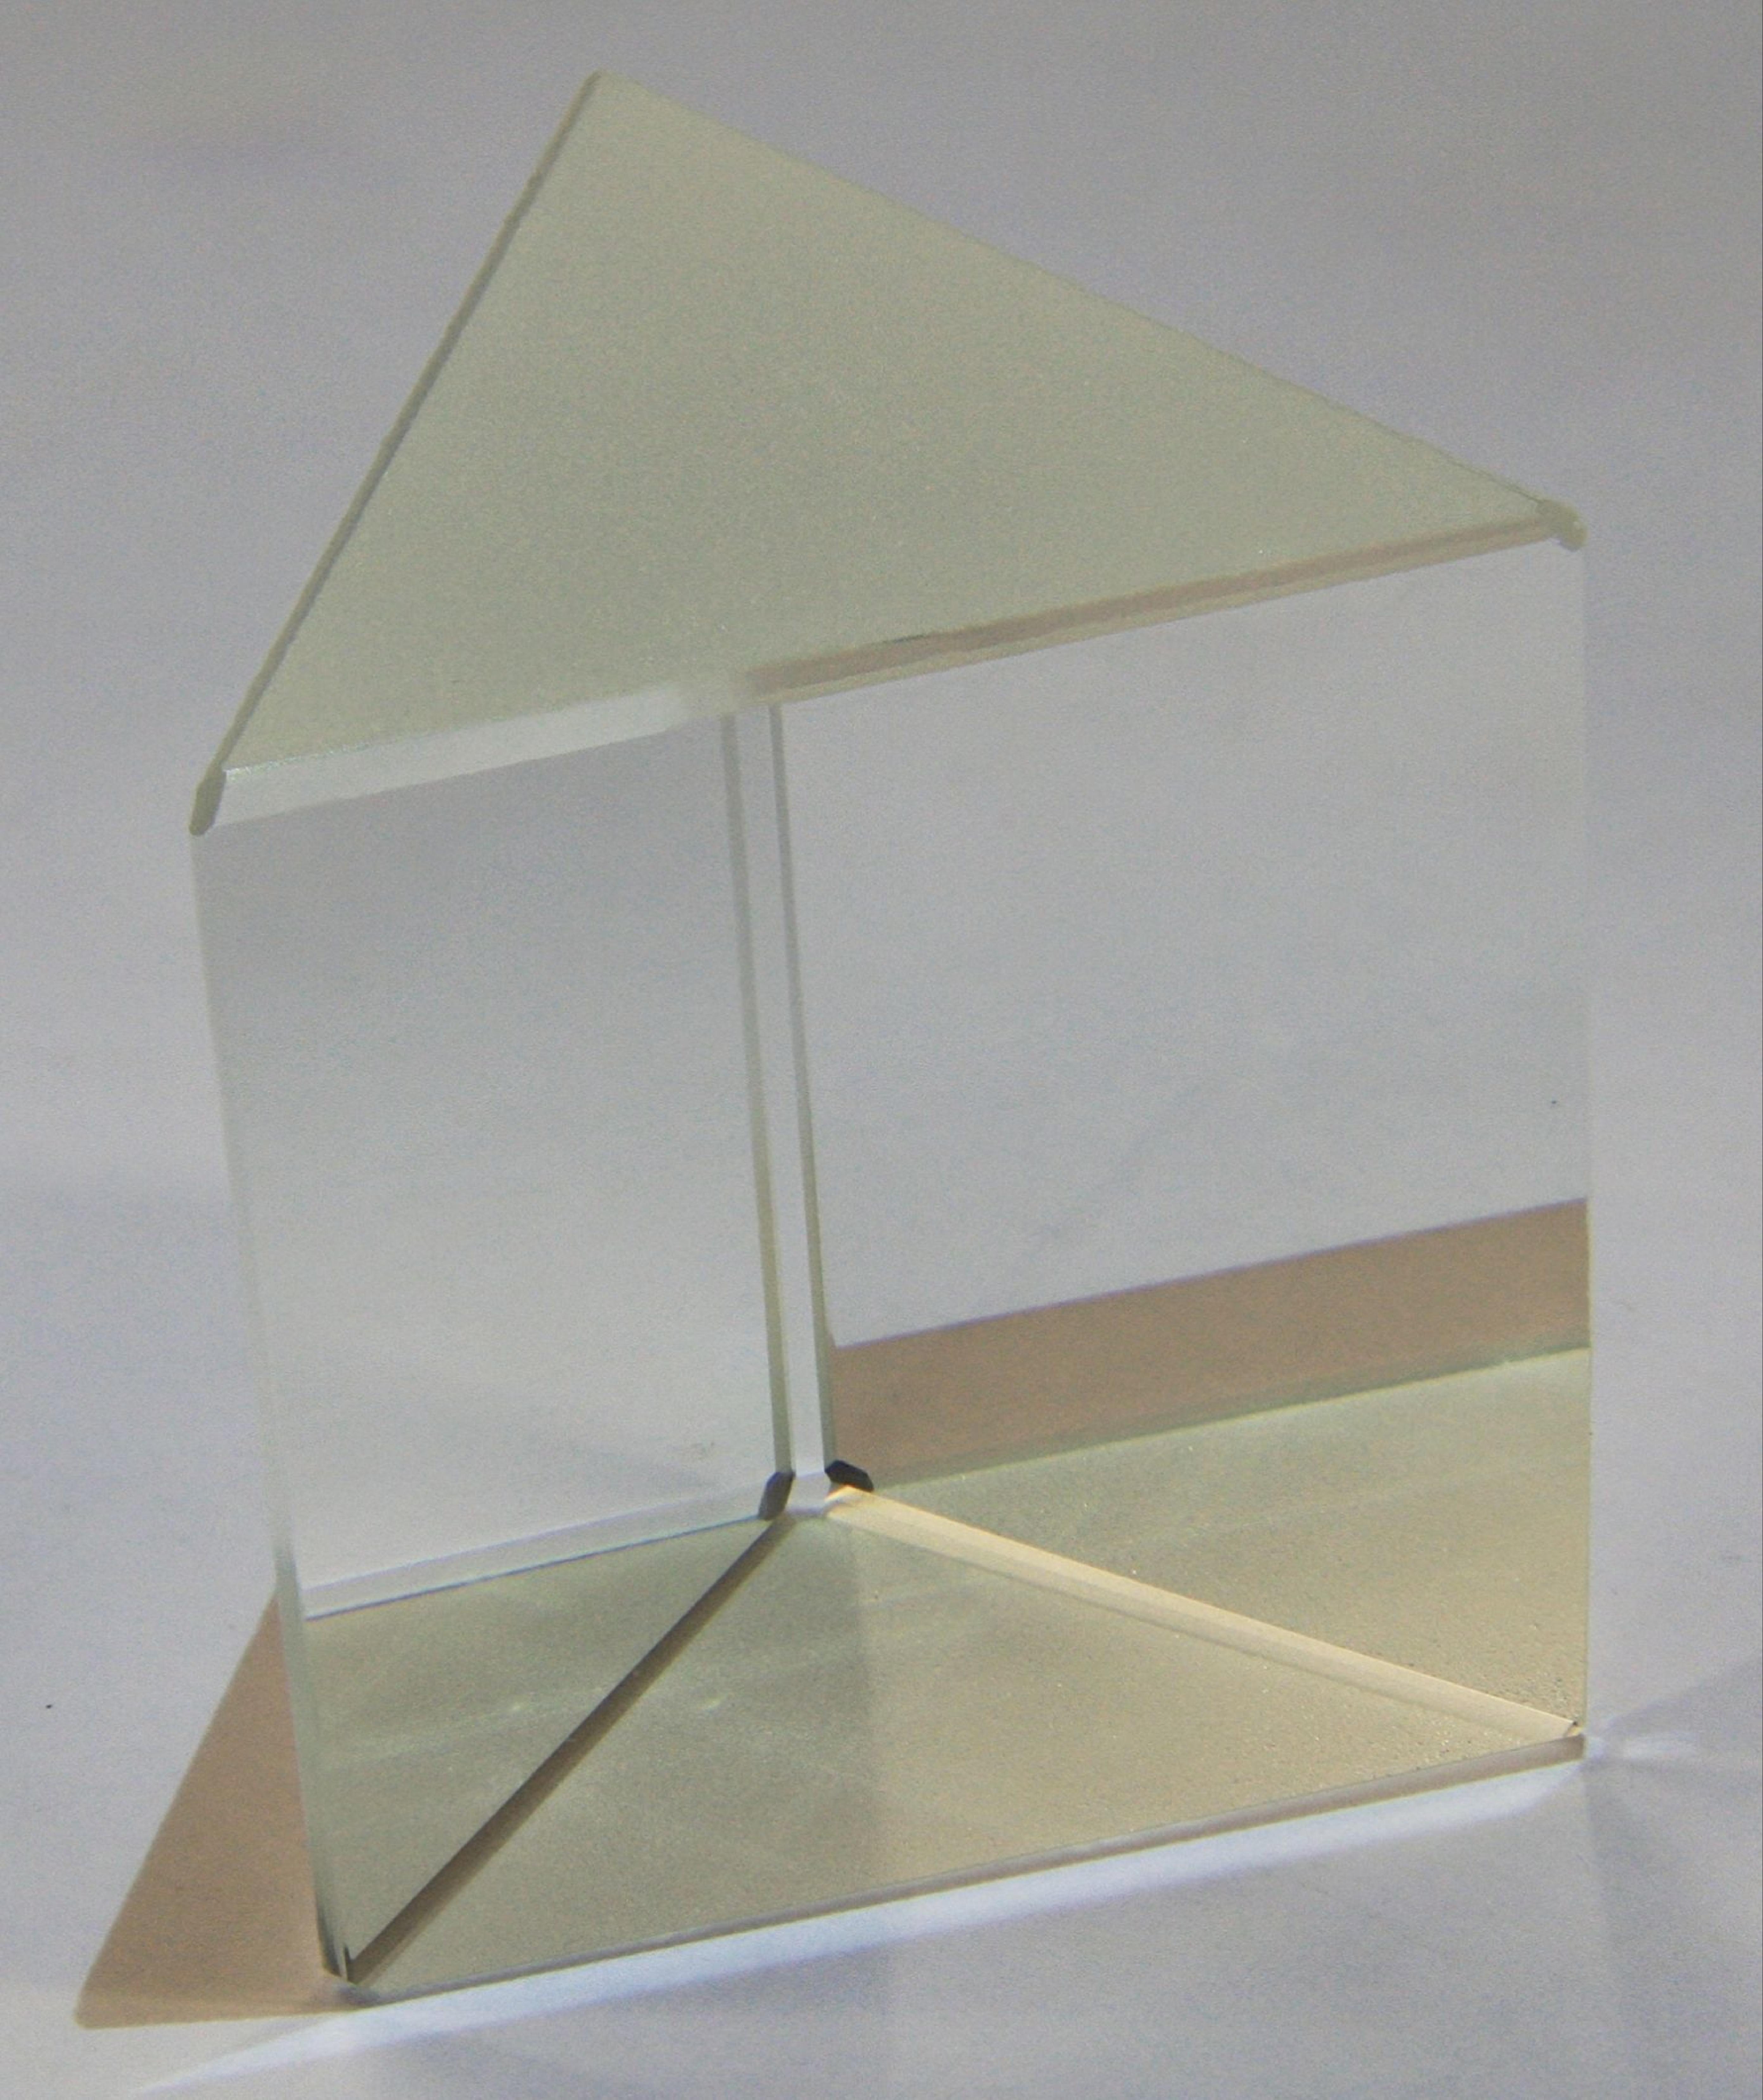 m0168_Prism-side-fs_PNr-0117.png